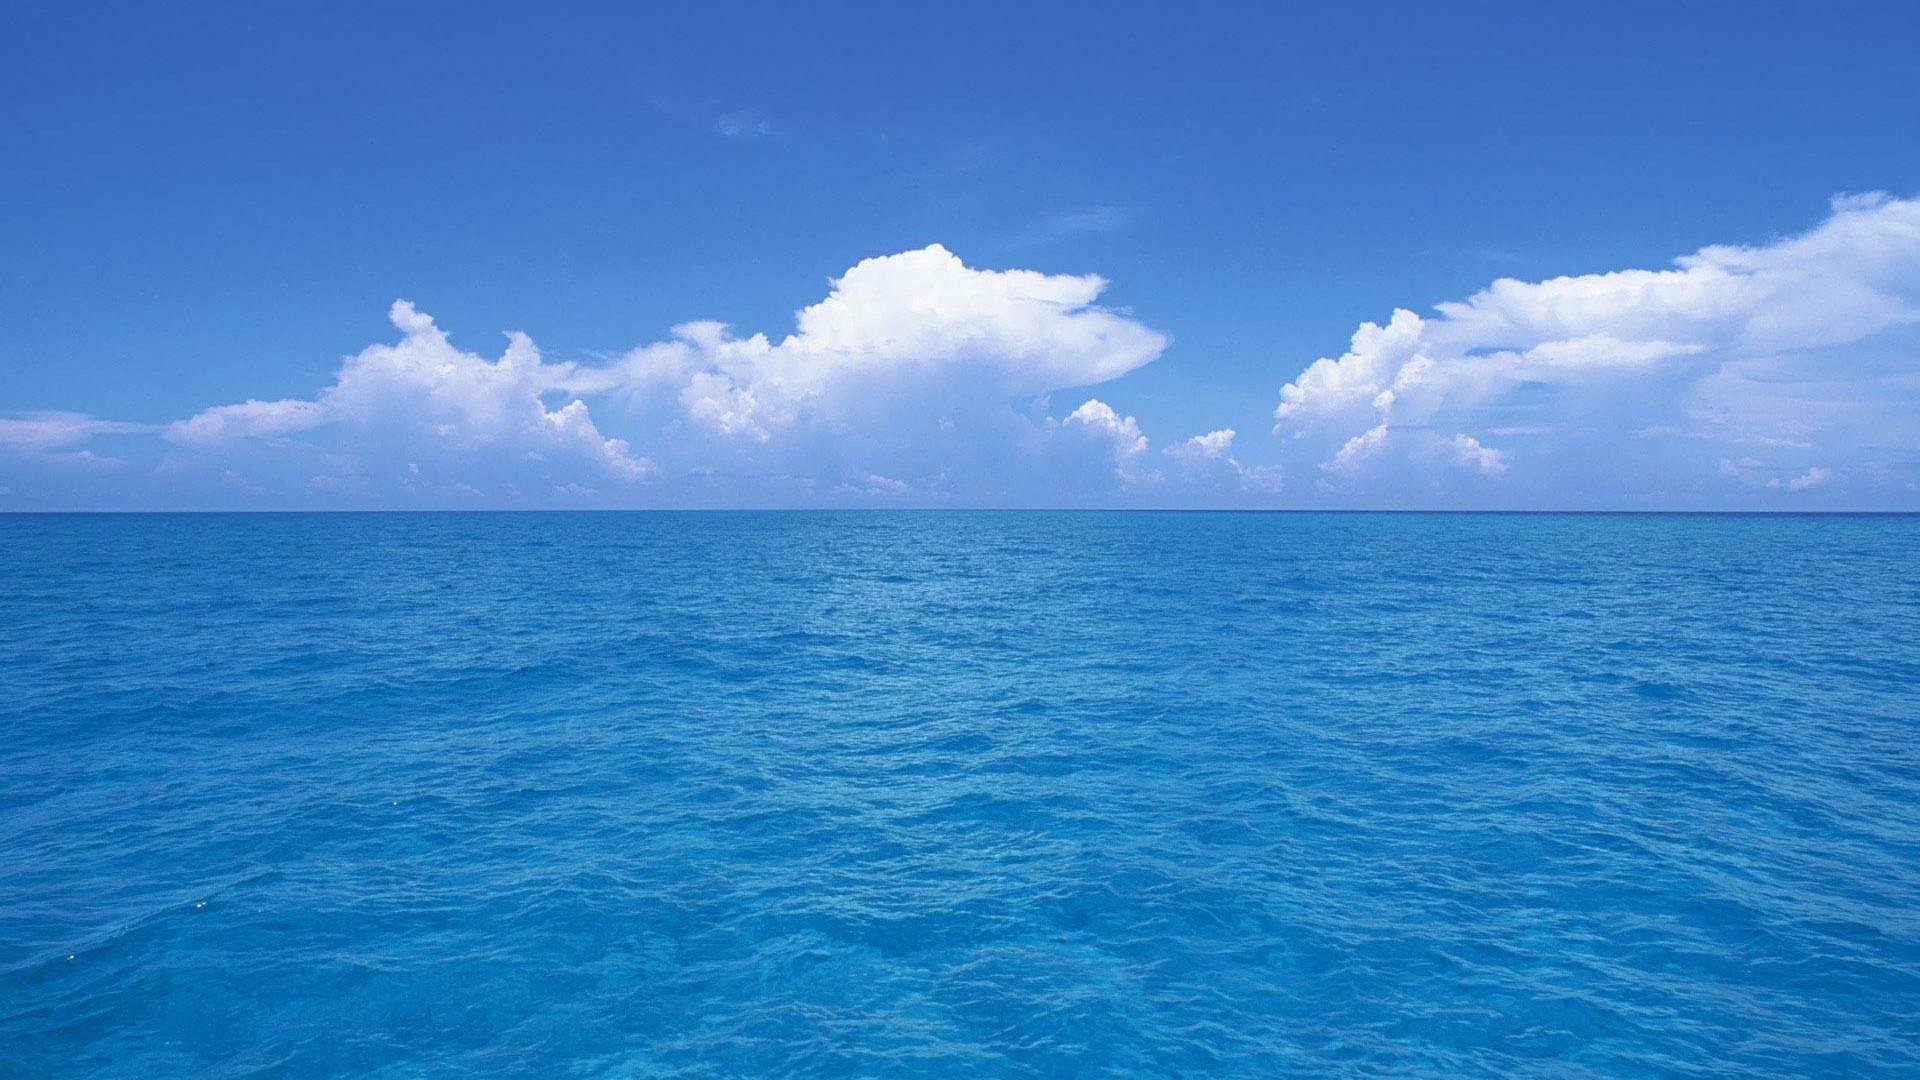 широкоформатные картинки океана приезжих едут этот